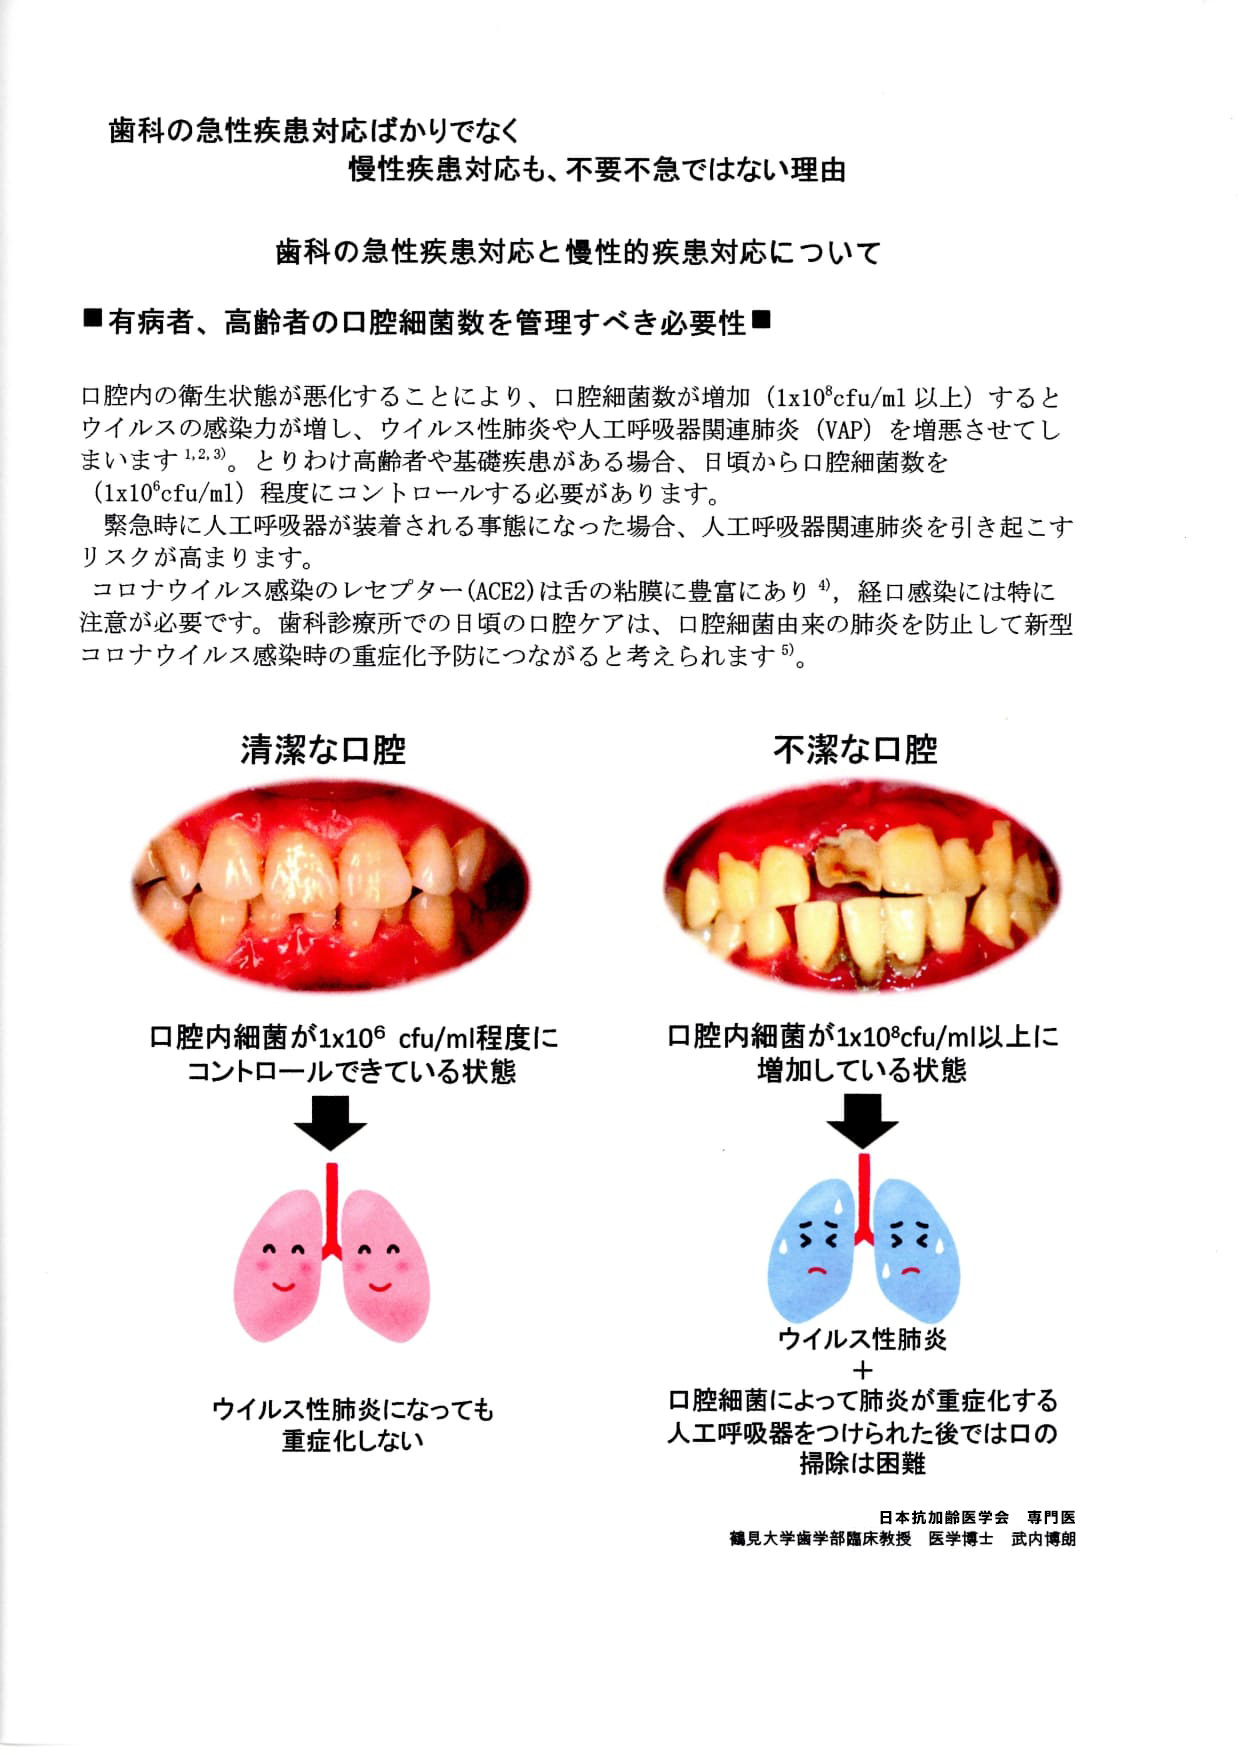 綾瀬市 歯医者 武内歯科医院 コロナウィルス